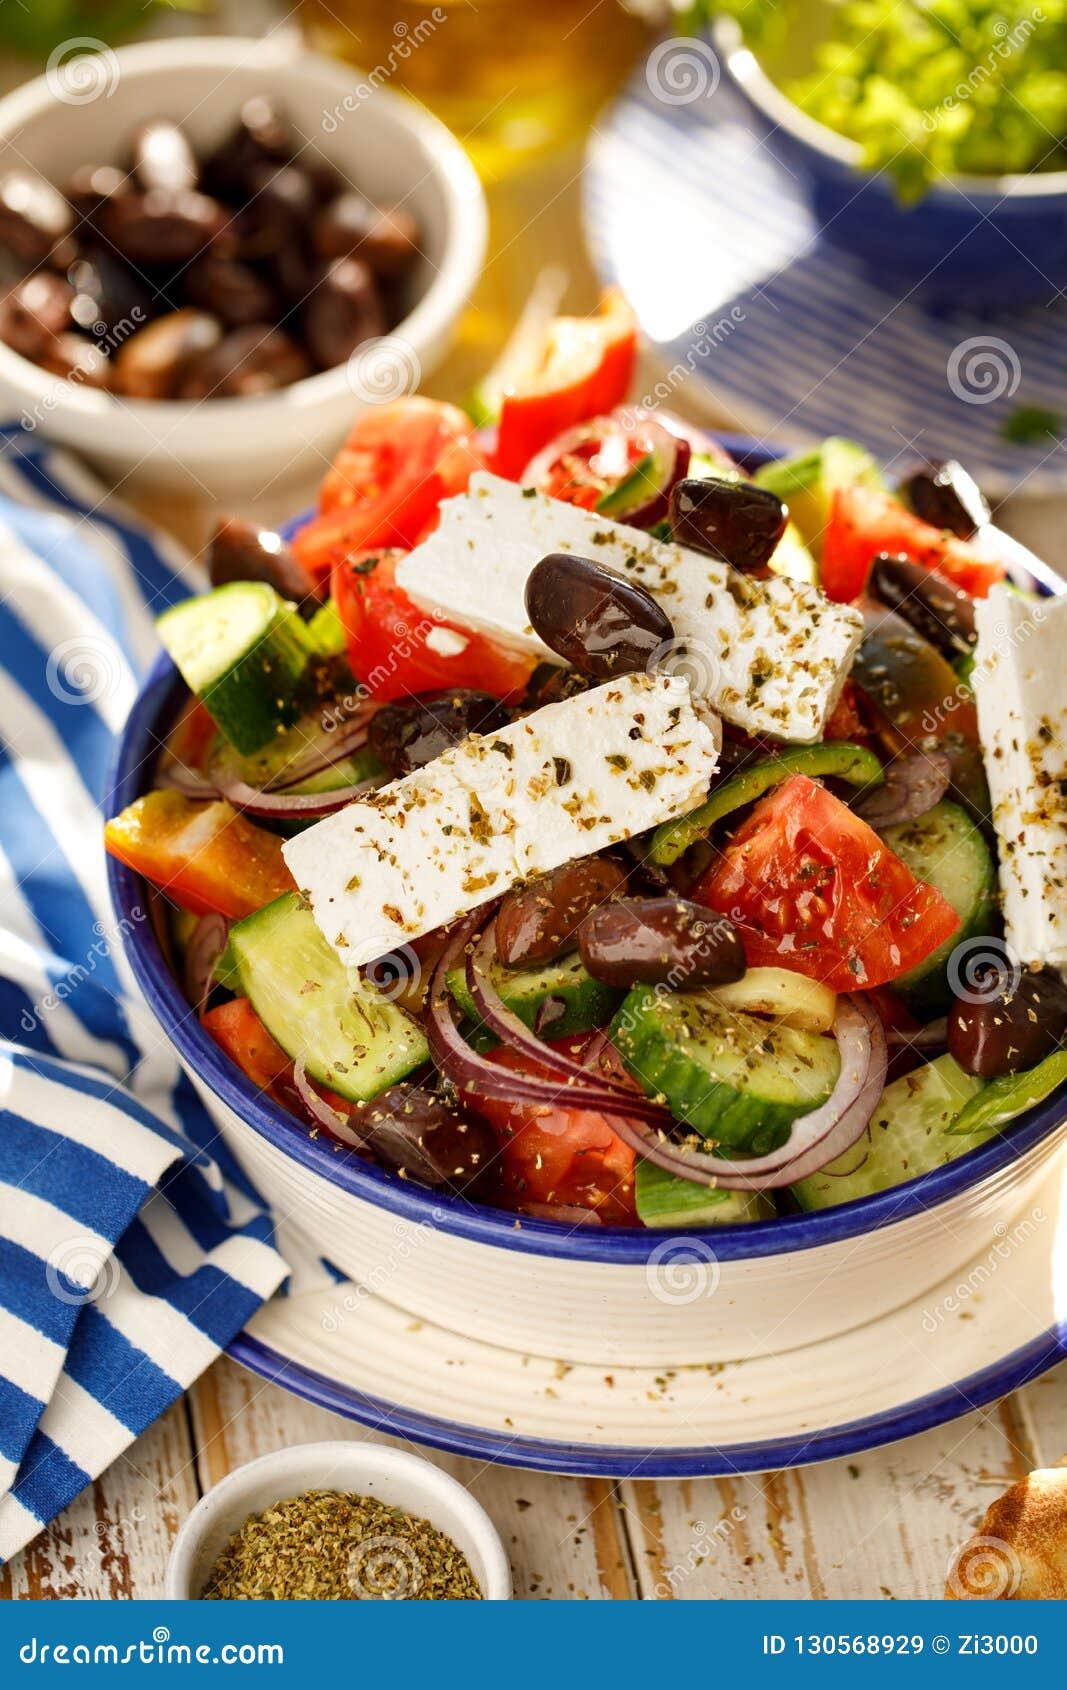 греческий салат Традиционный греческий салат состоя из свежих овощей как томаты, огурцы, перцы, луки, душица и oliv